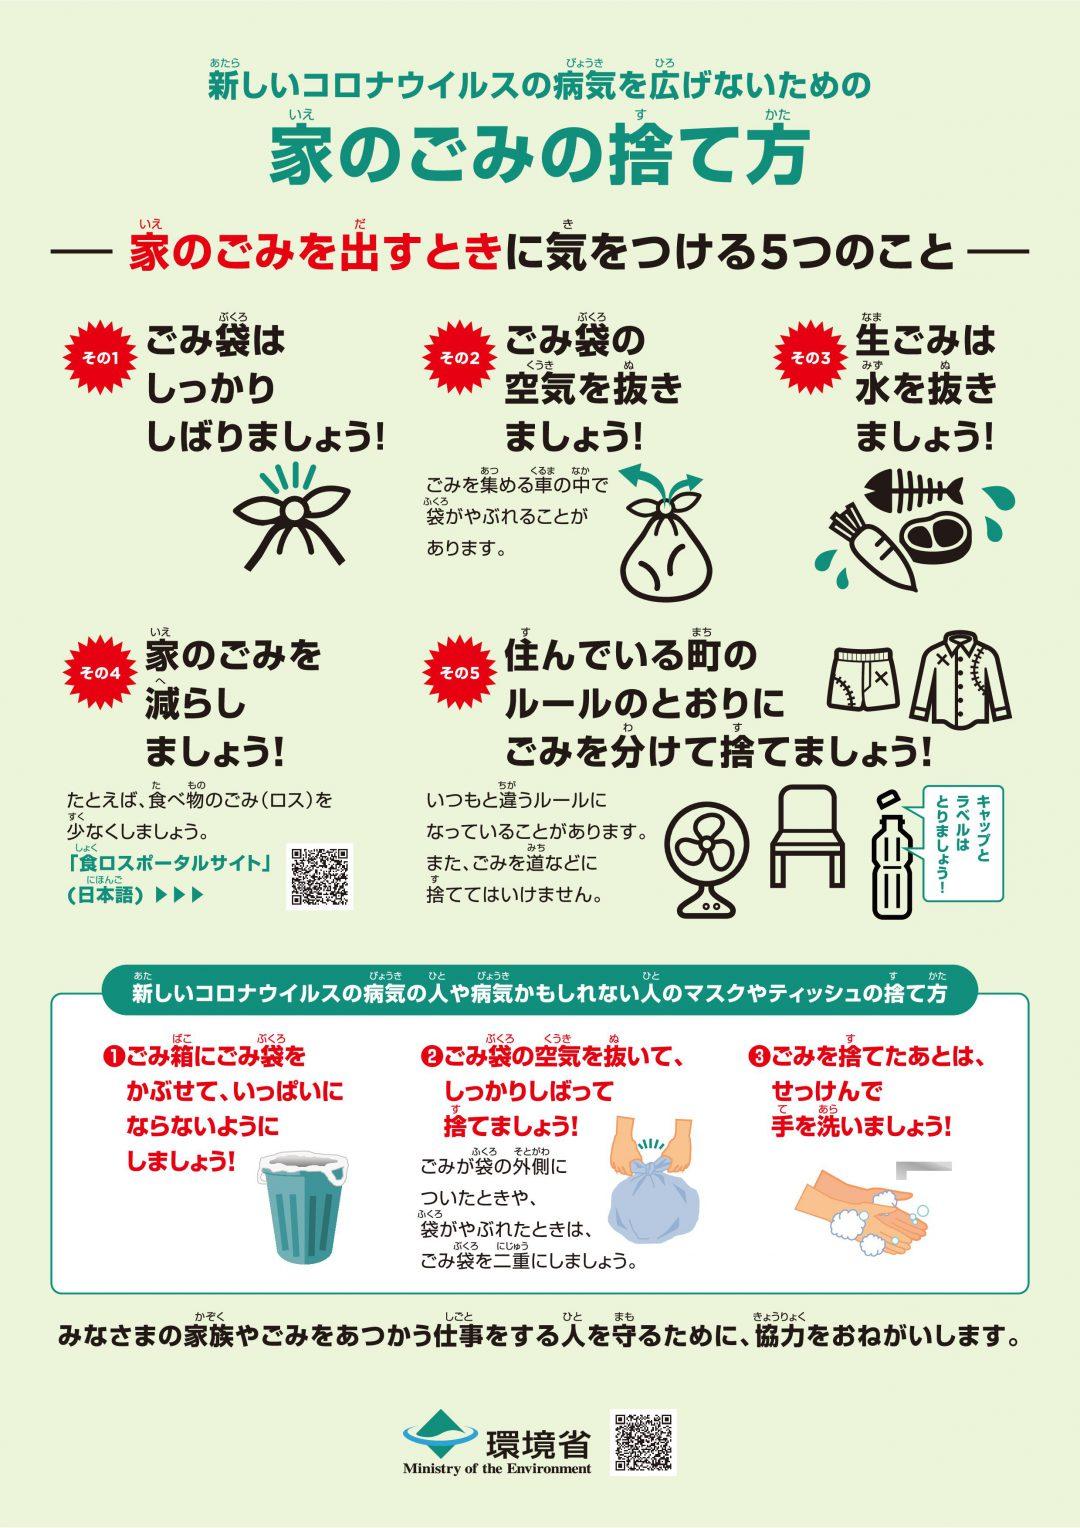 画像:新型コロナウイルスなどの感染症対策のためのご家庭でのごみの捨て方/新型(しんがた)コロナウィルスを広(ひろ)げないための家(いえ)のごみの捨(す)て方(かた)/ HOW TO DISPOSE OF HOUSEHOLD GARBAGE For Infection Prevention and Control Measures to the Novel Coronavirus